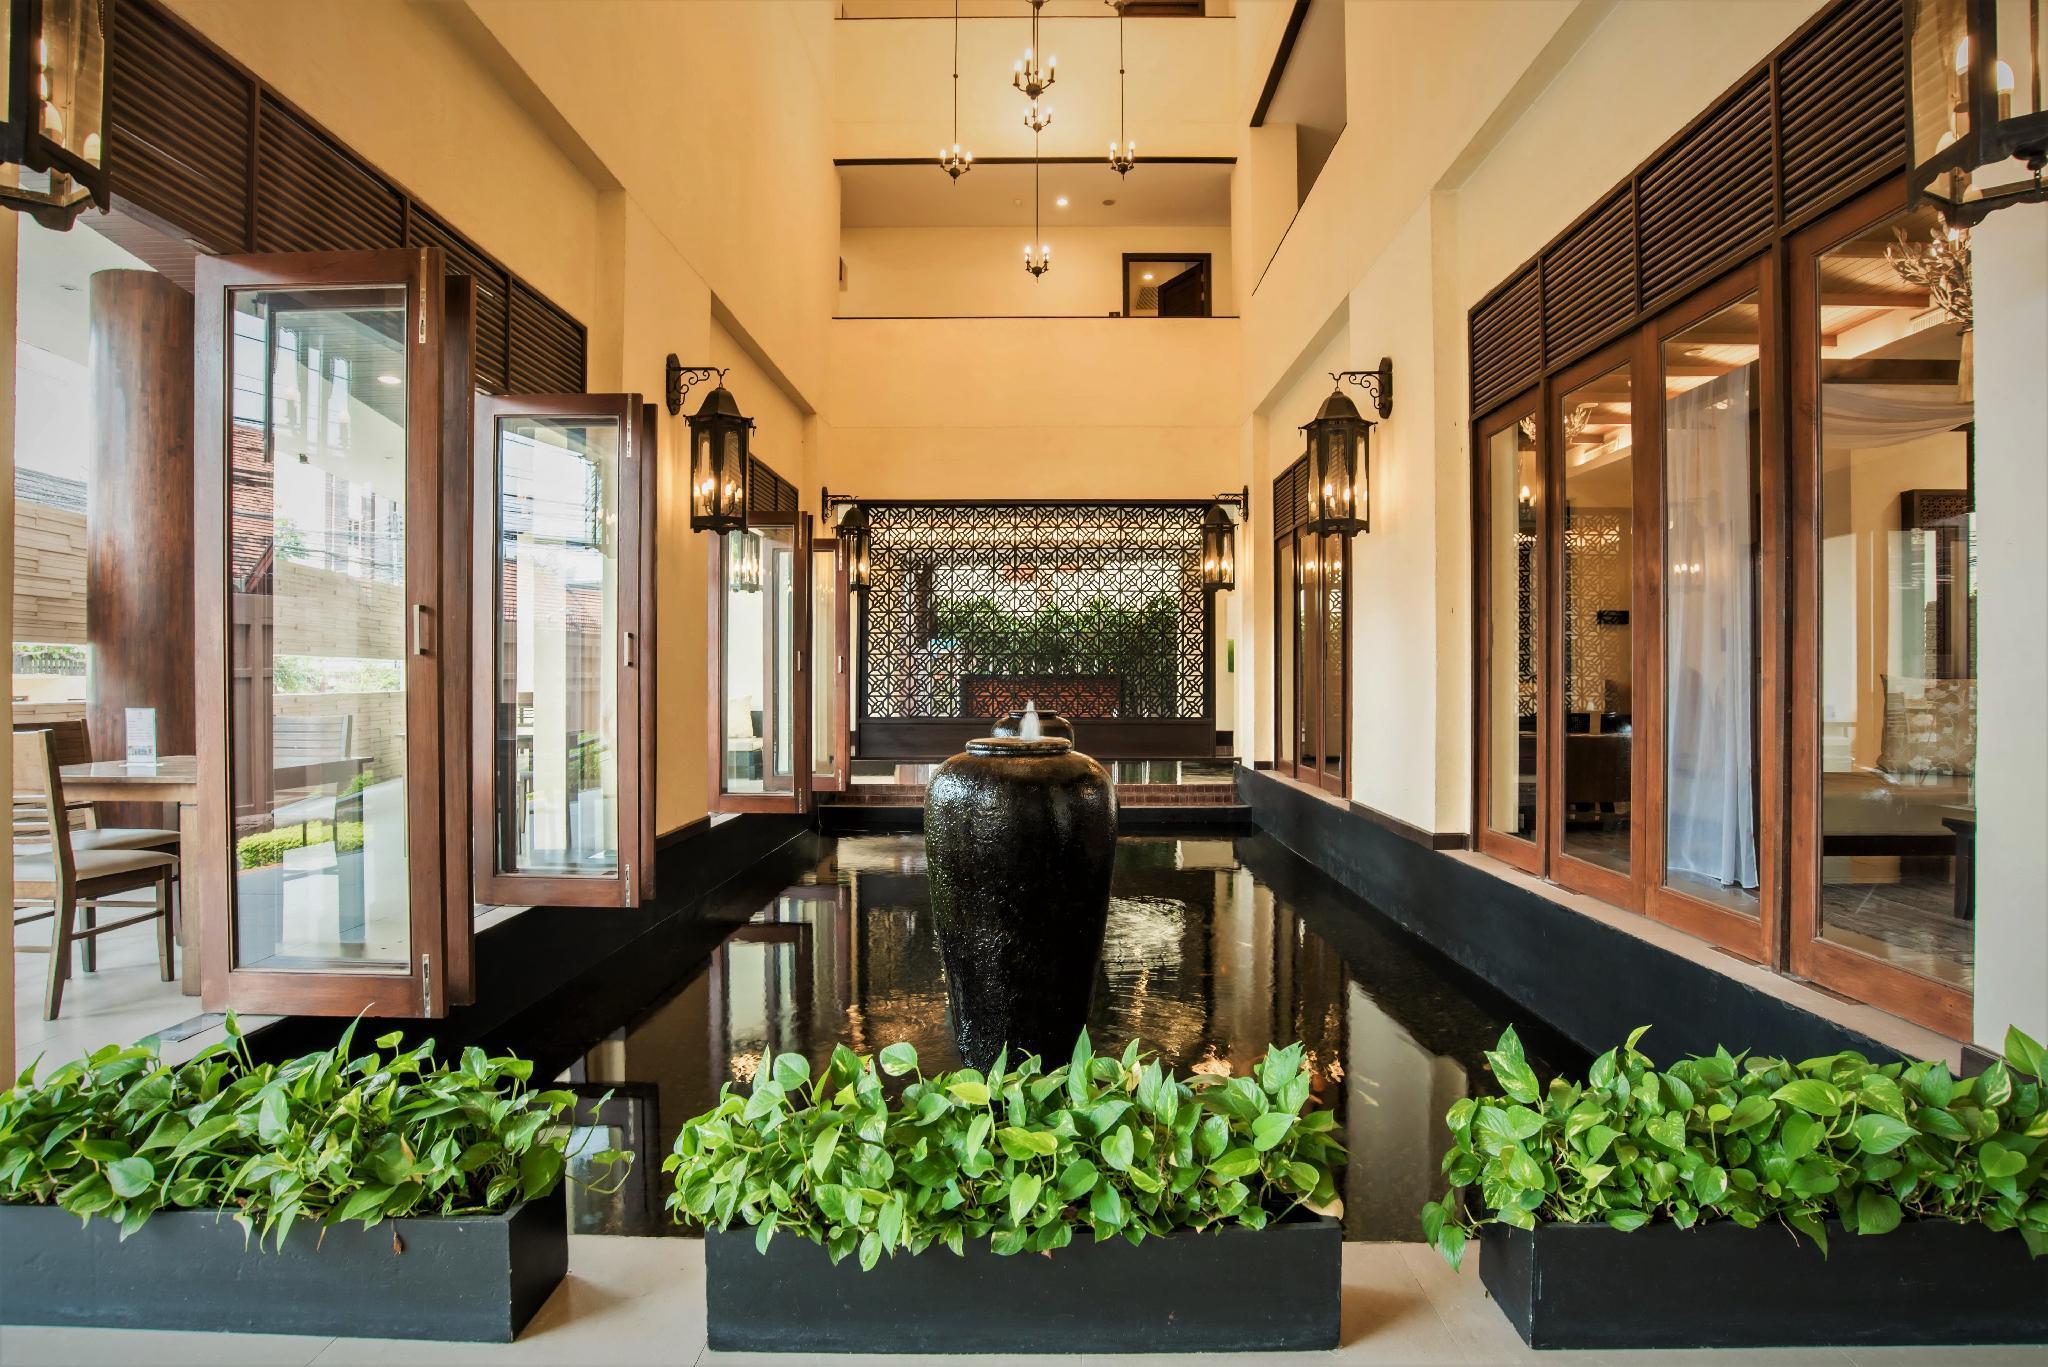 รีวิวสวยๆ โรงแรมเดอ ชาย เดอะ โคโลเนียล (เชียงใหม่) รีวิว Pantip